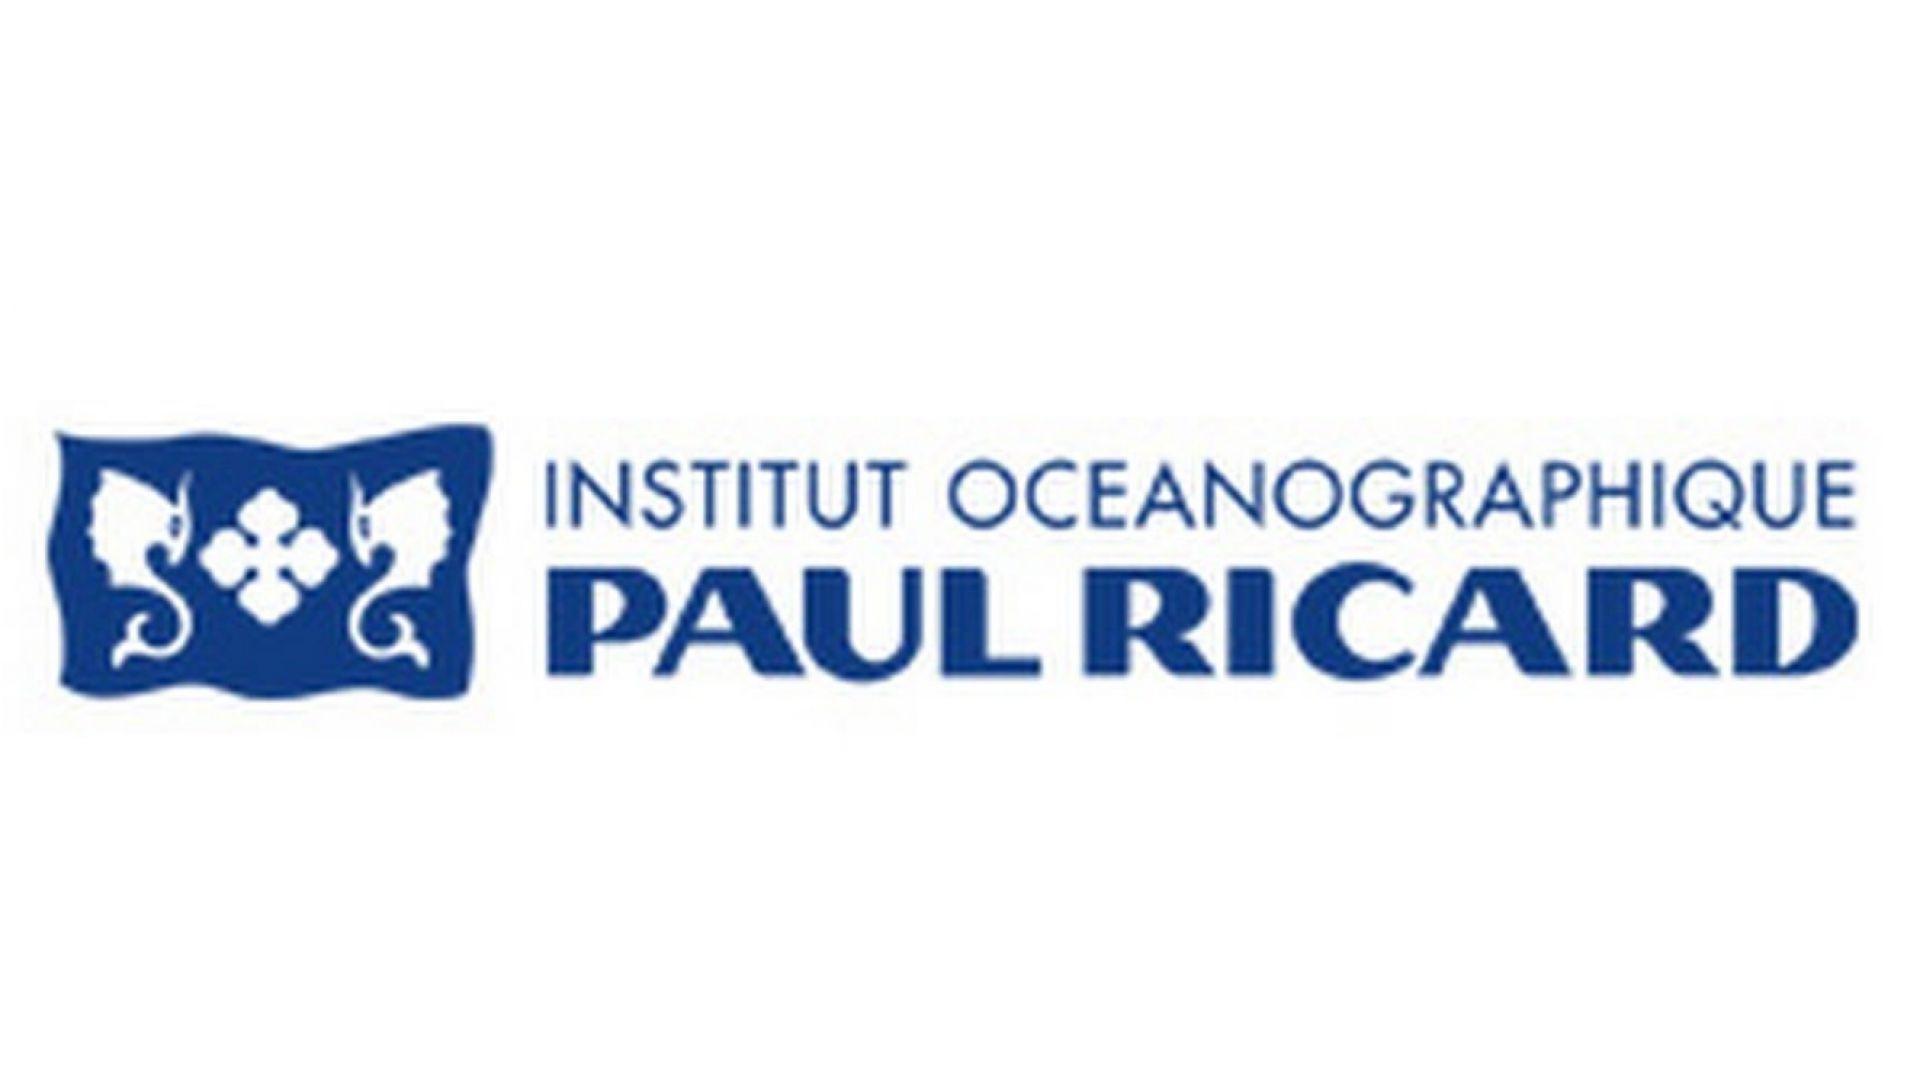 Institut océanographique Paul Ricard